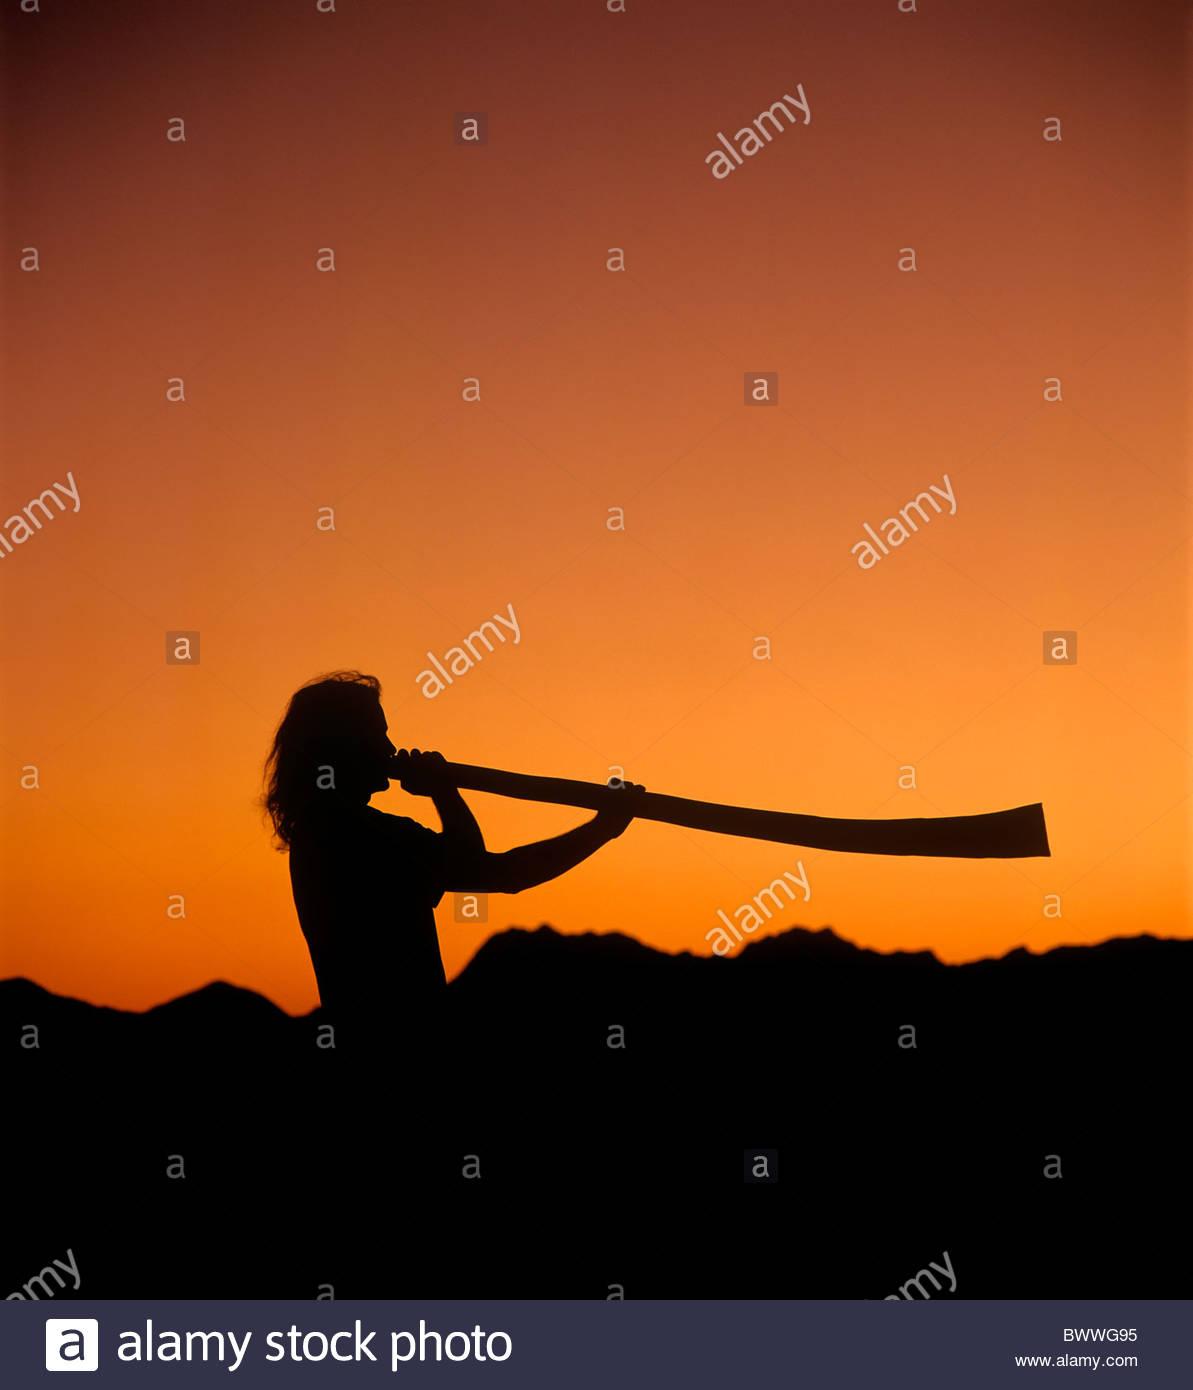 O homem a reprodução de um pôr-do-sol austral está com Tucson Montanhas em segundo plano silhouette Imagens de Stock